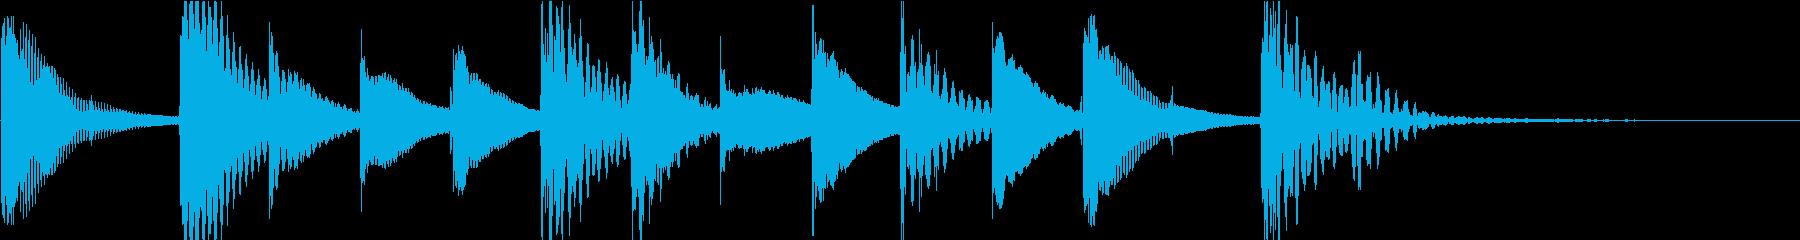 マリンバのほのぼのとしたジングル5の再生済みの波形